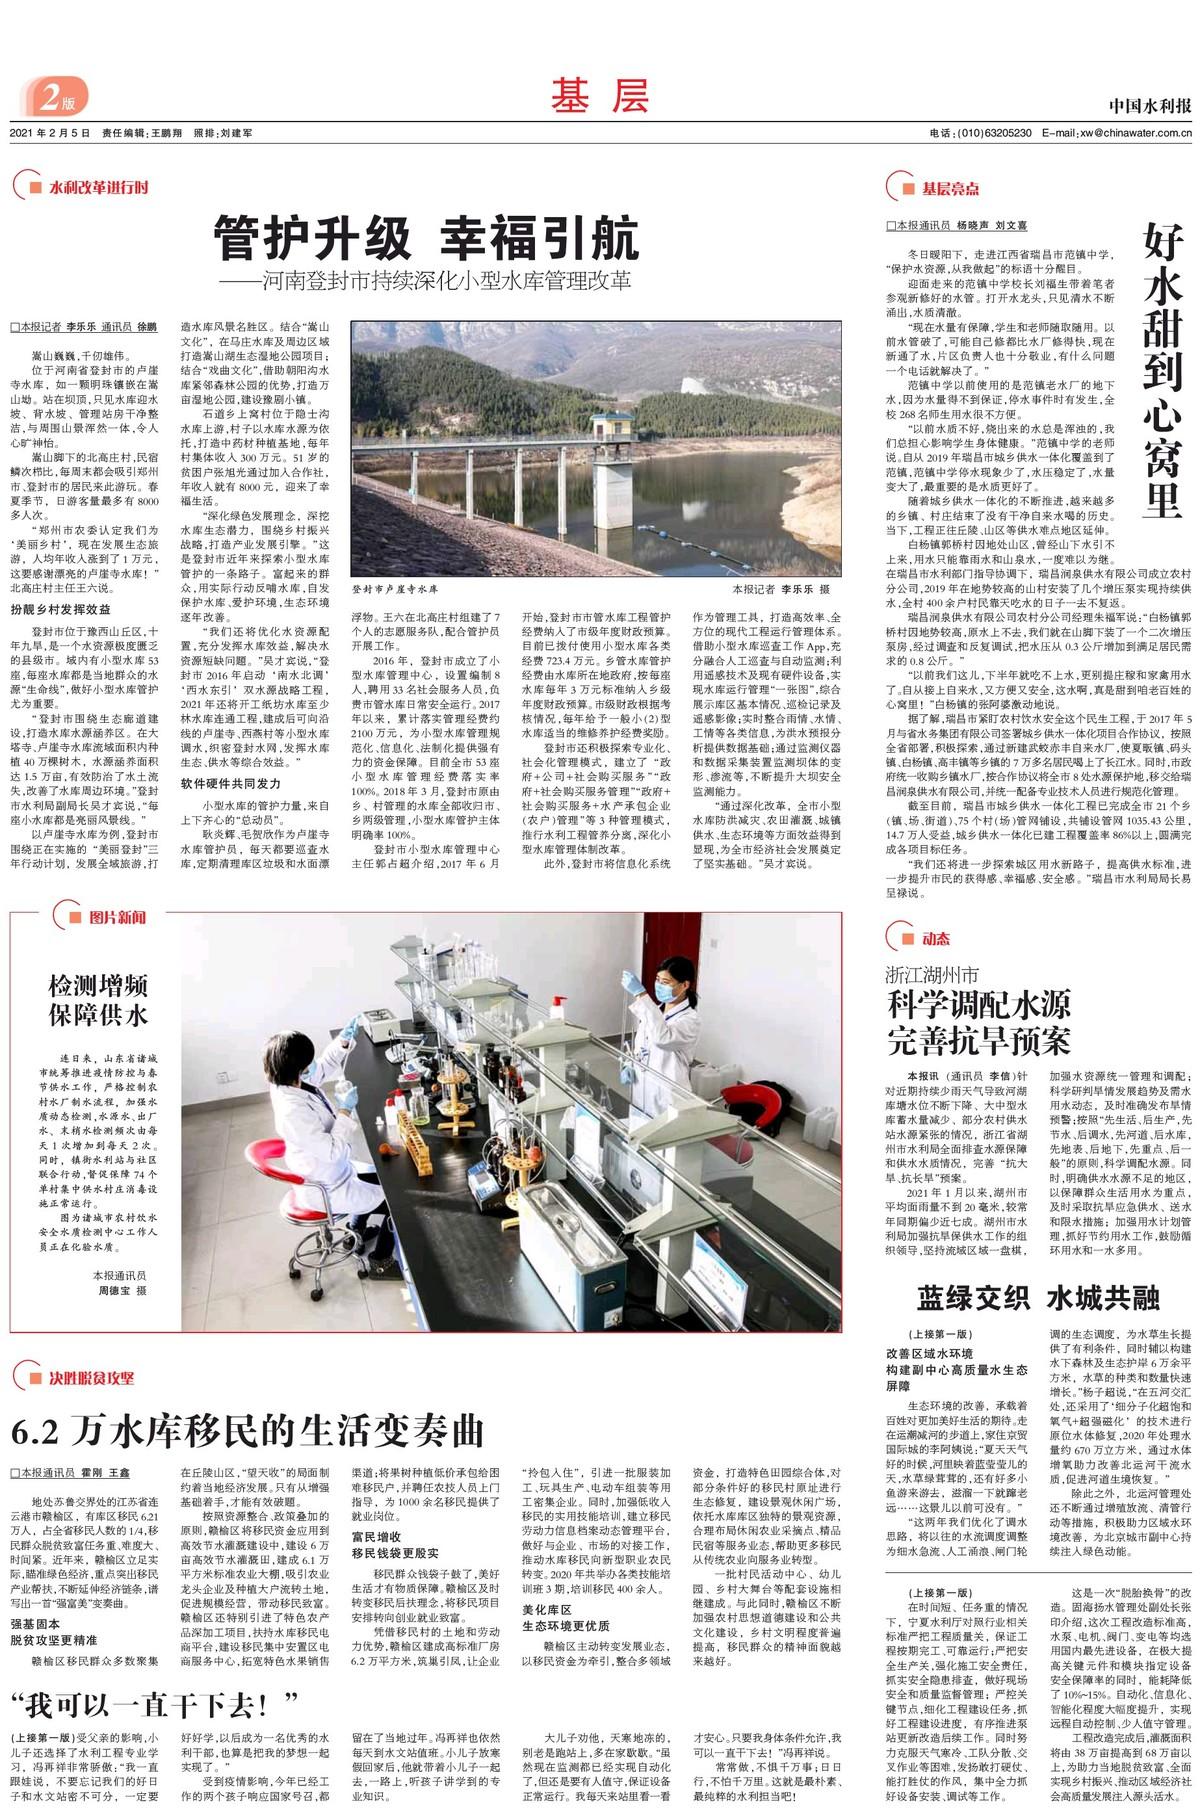 中国水利报:管护升级  幸福引航——河南登封市持续深化小型水库管理改革